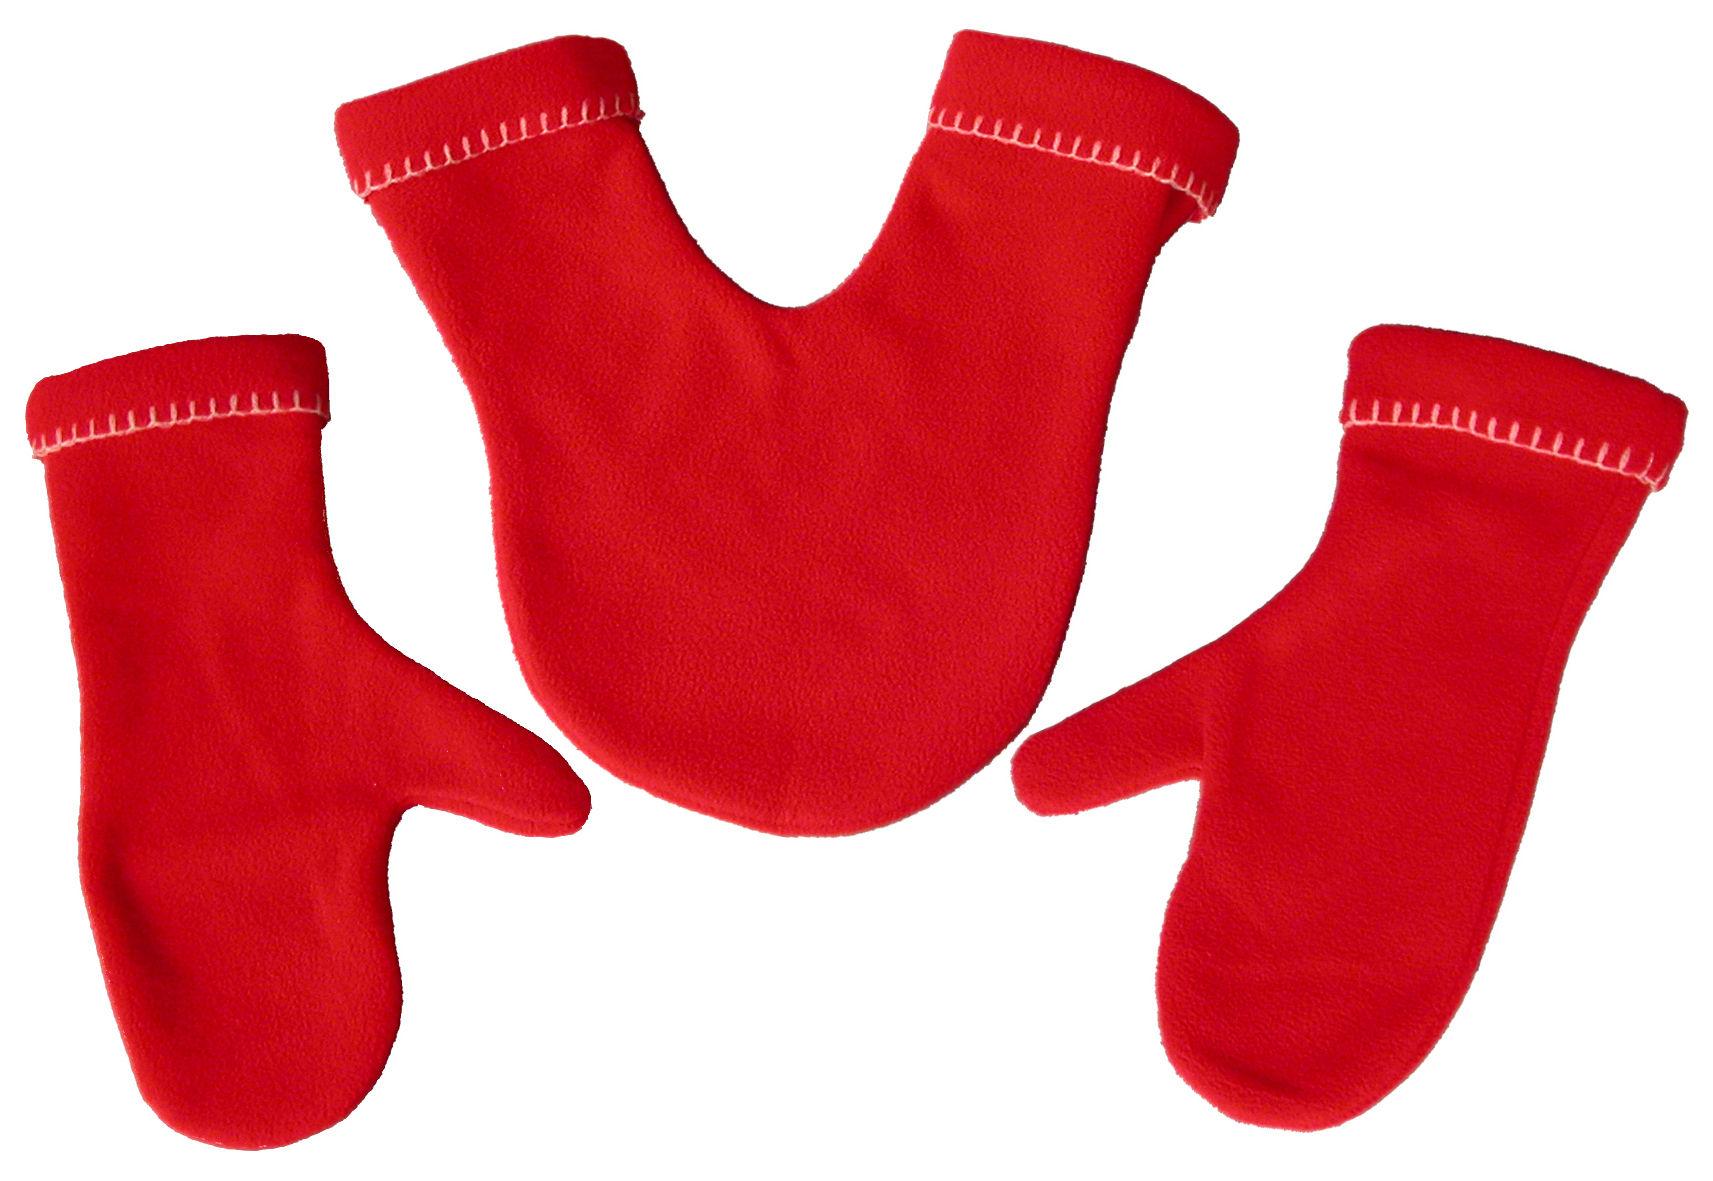 Accessoires - Chaussures et vêtements - Moufles Amoureux - Pa Design - Rouge - Laine